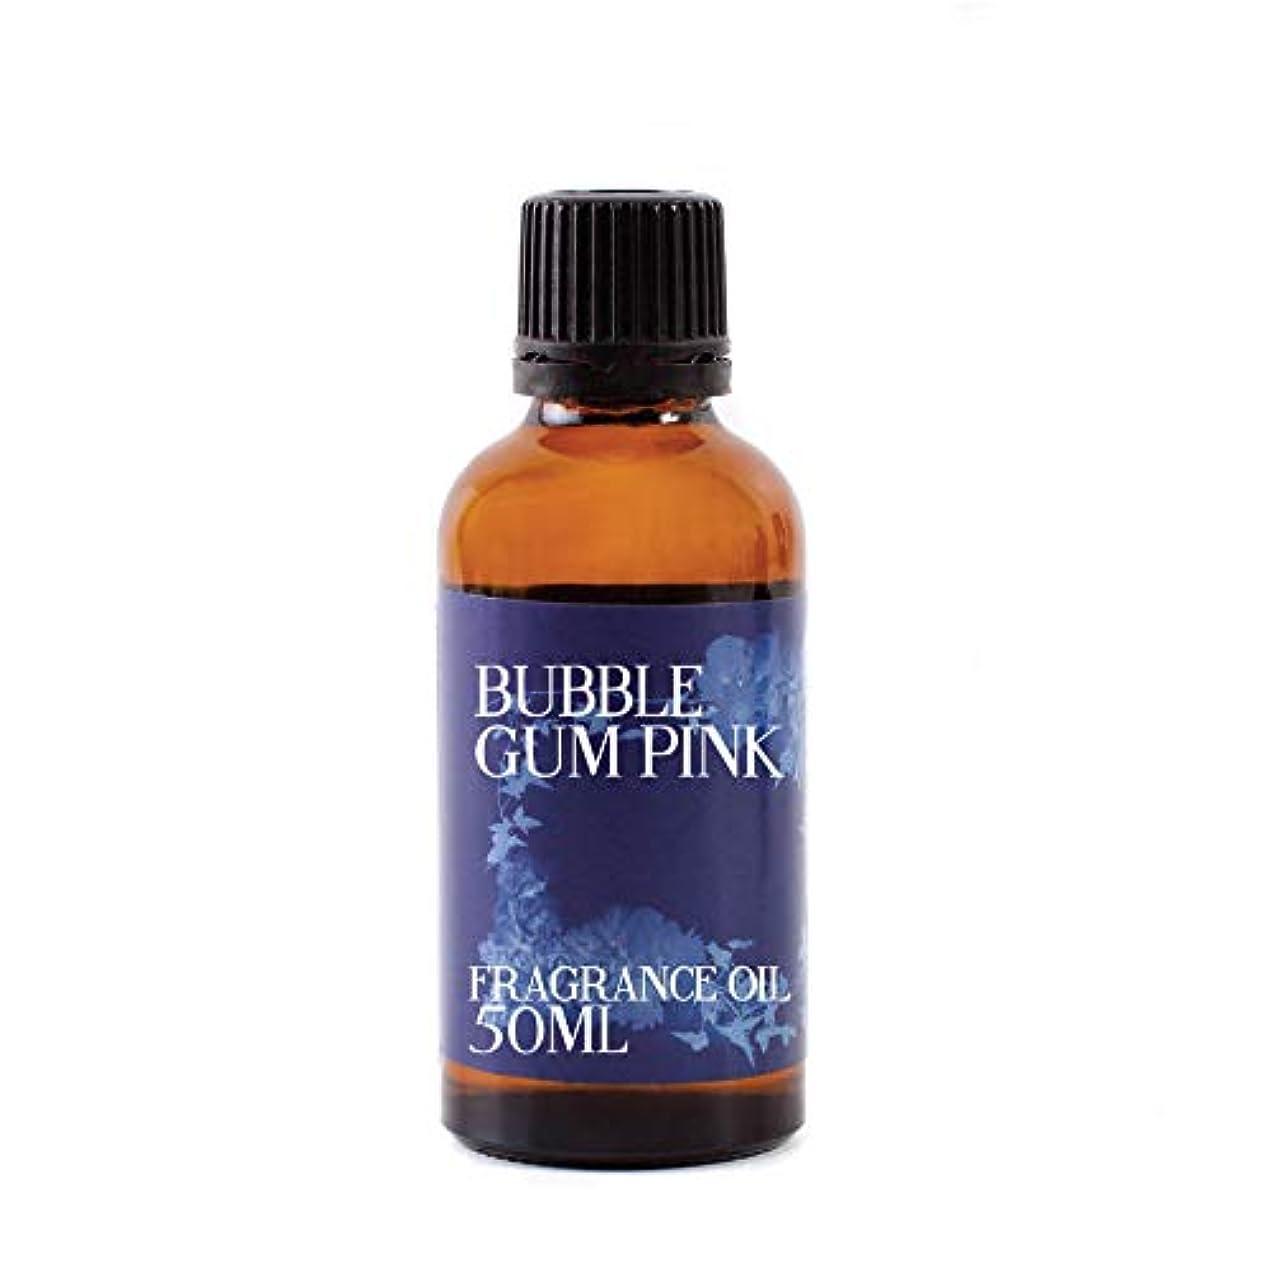 並外れた名声ハンサムMystic Moments | Bubble Gum Pink Fragrance Oil - 50ml